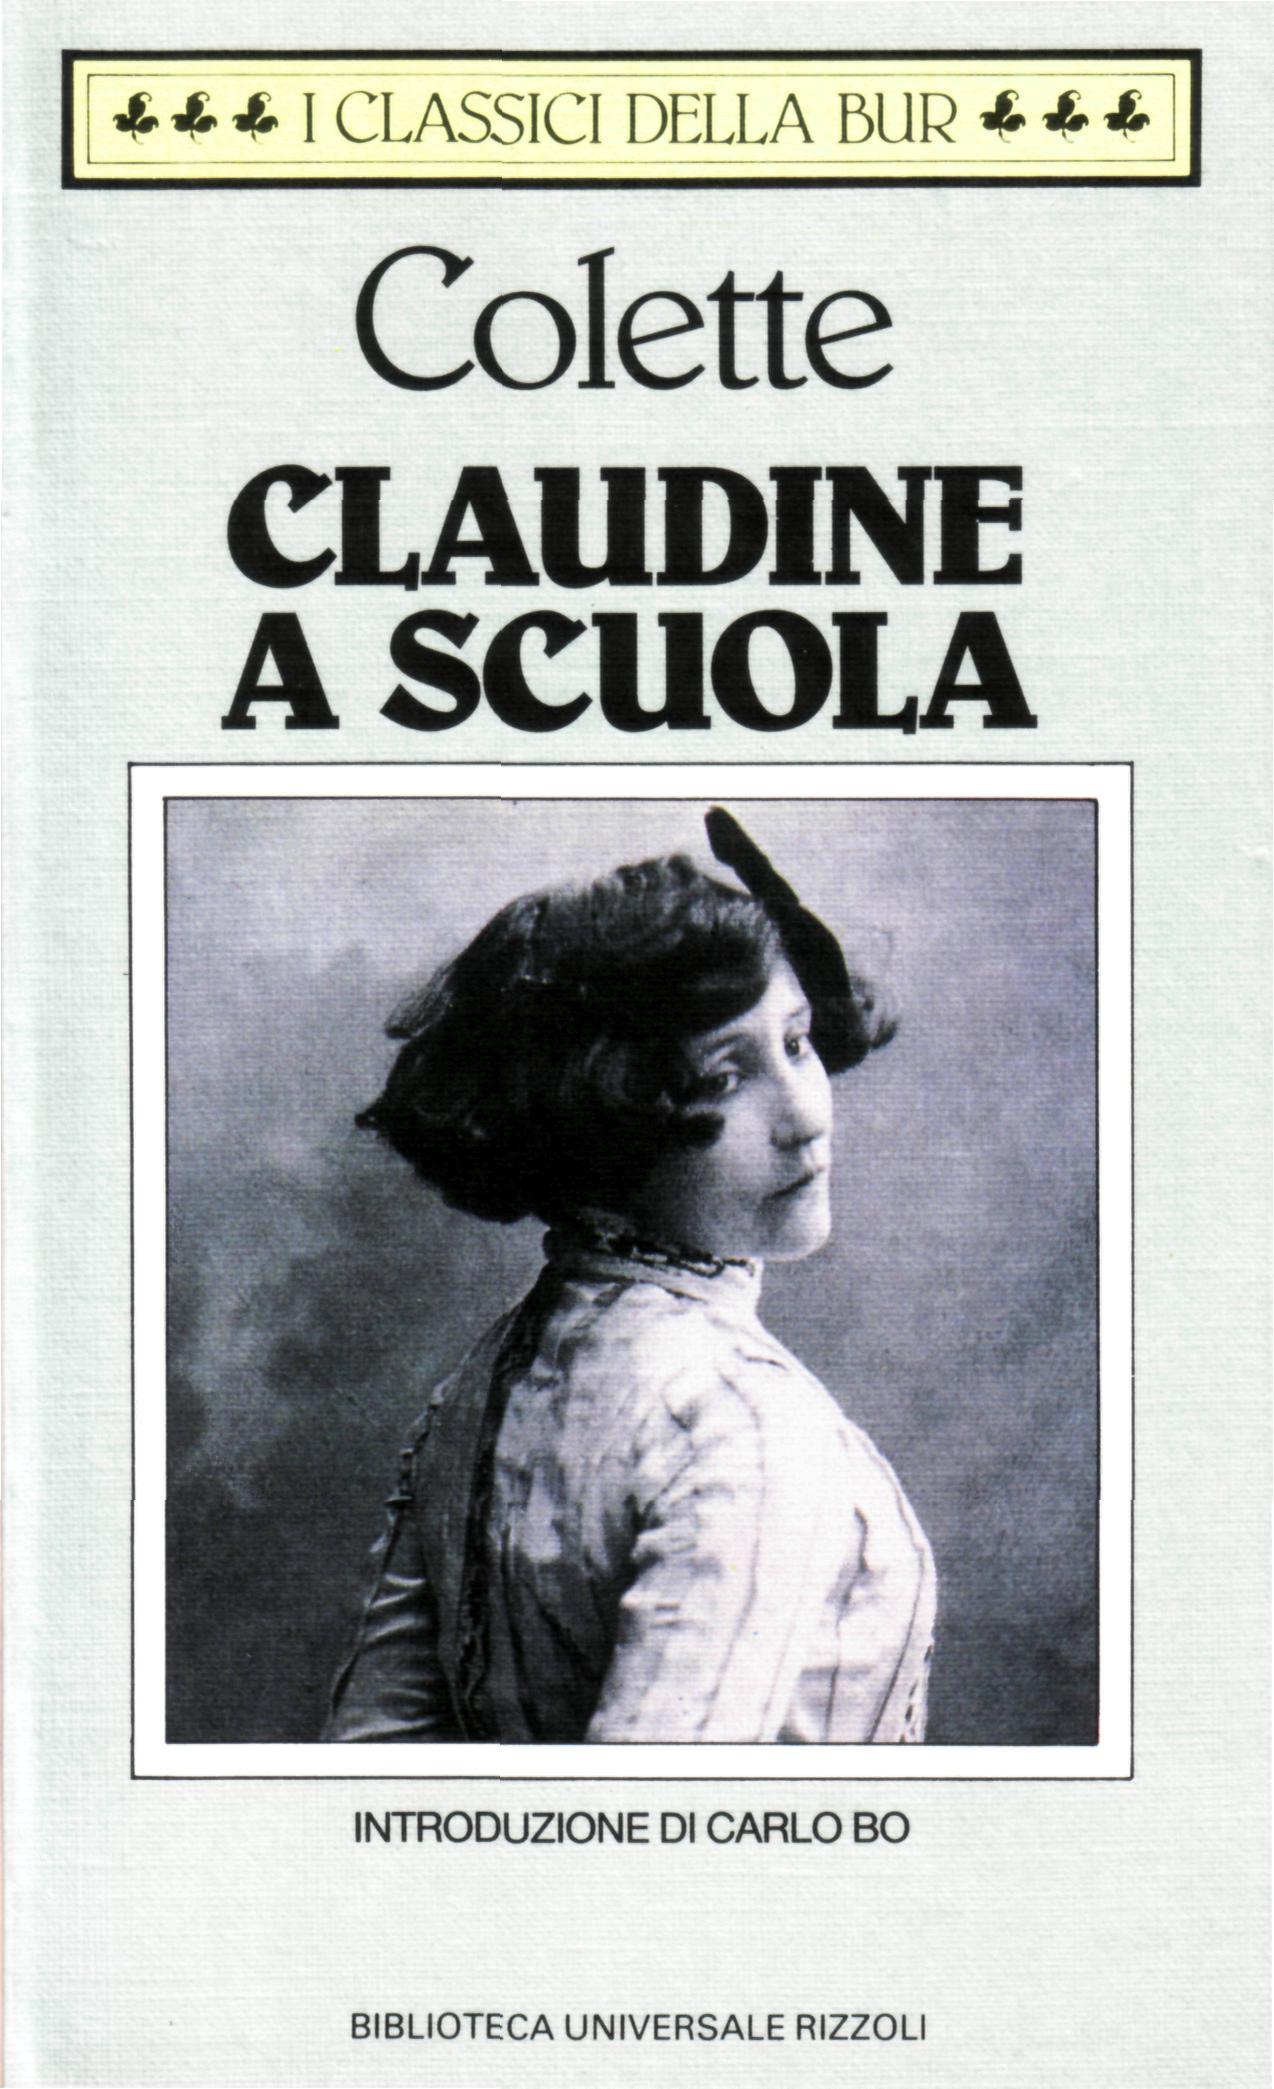 Claudine a scuola